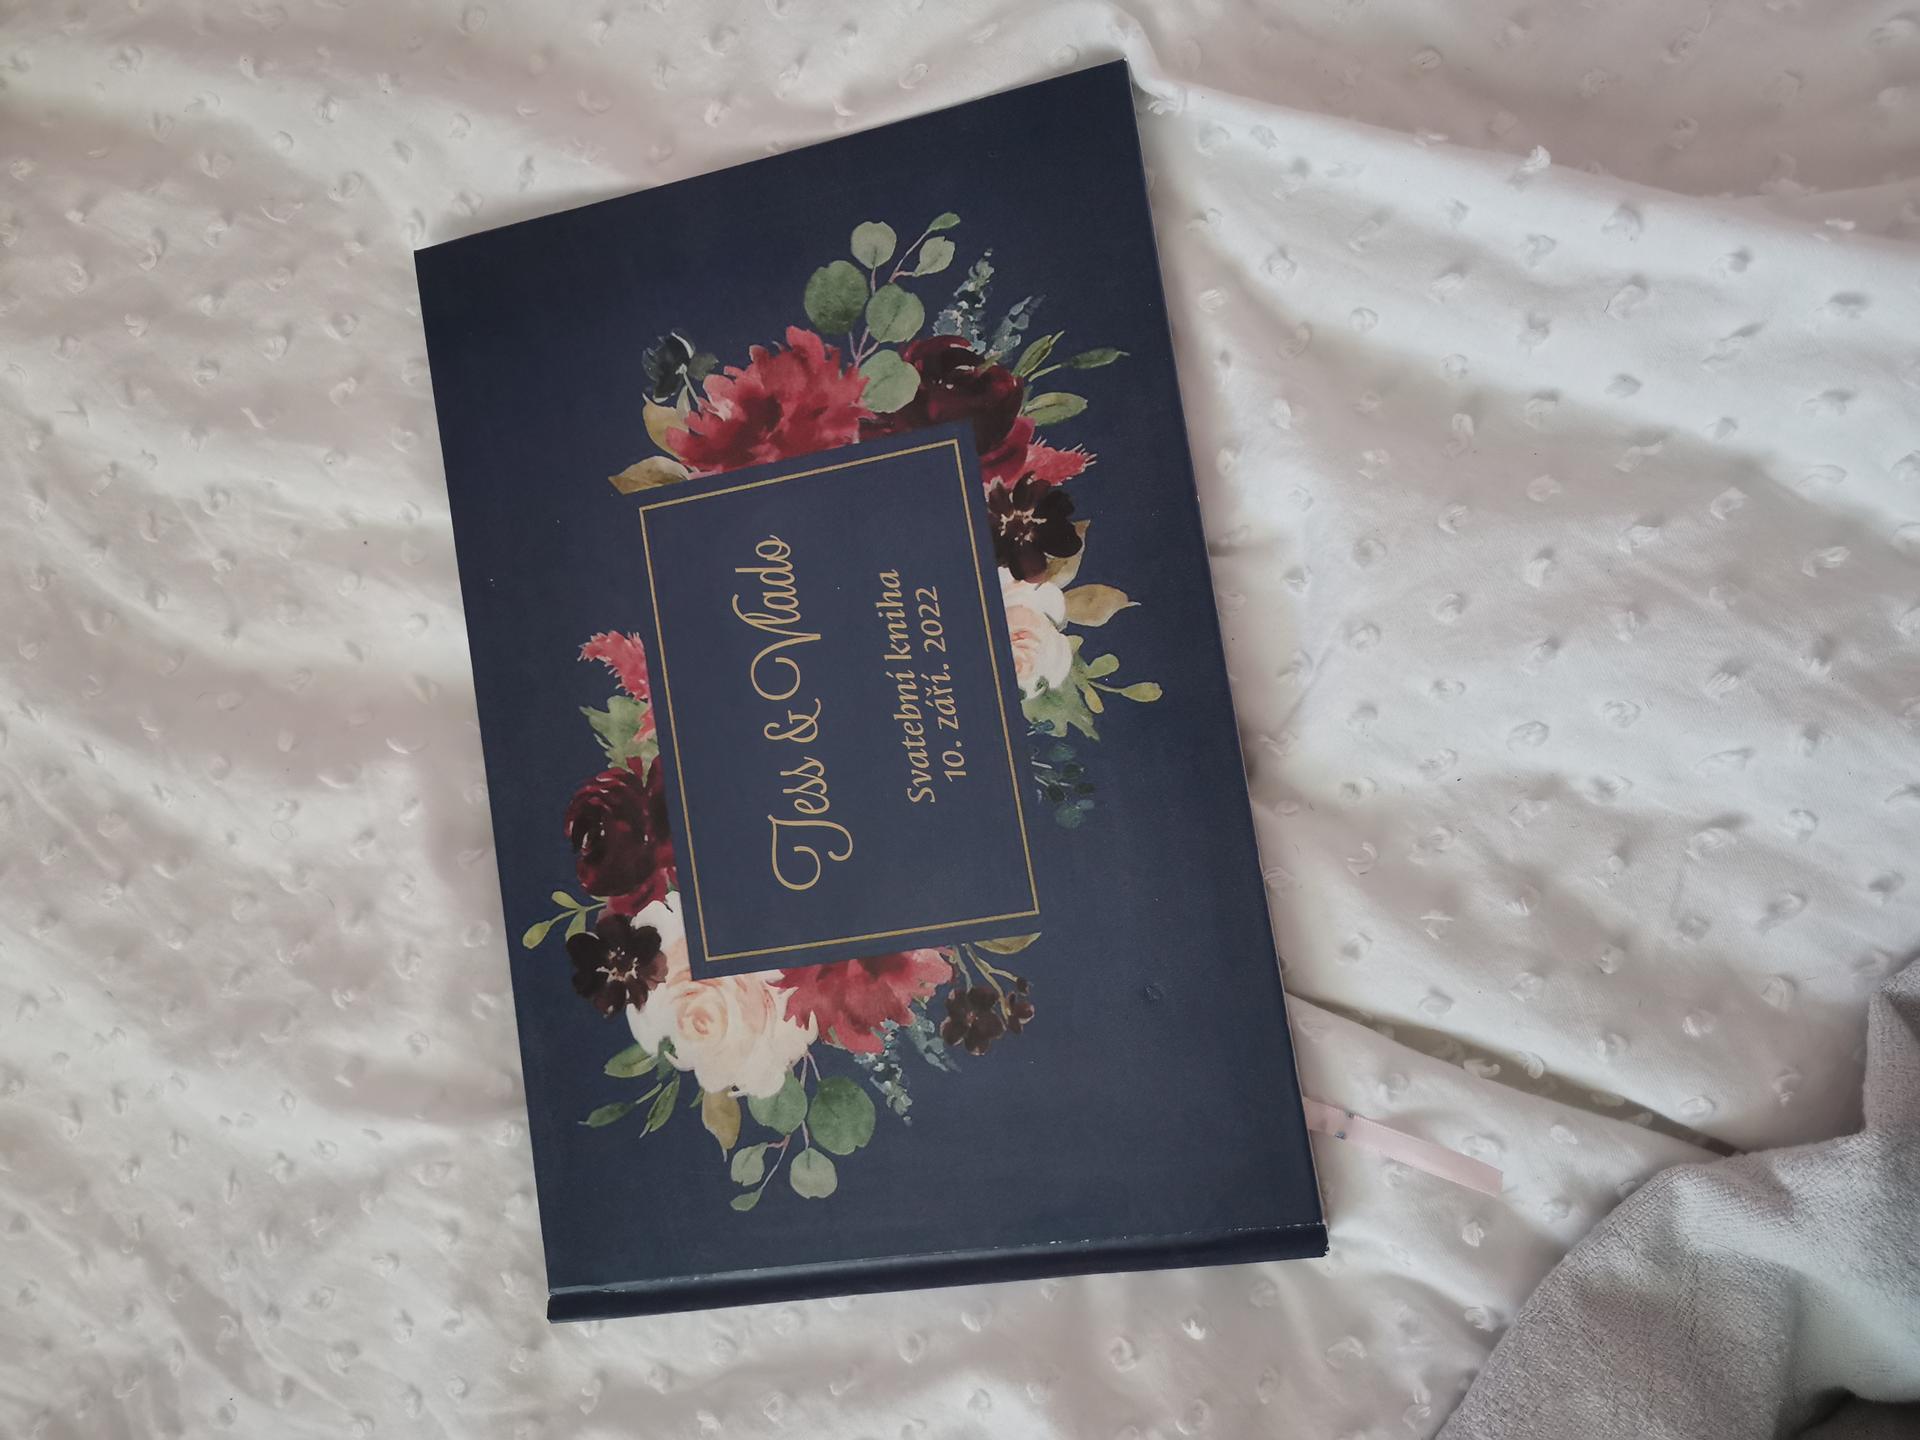 Vrabcovi 10.9.2022 - svatební kniha - ali